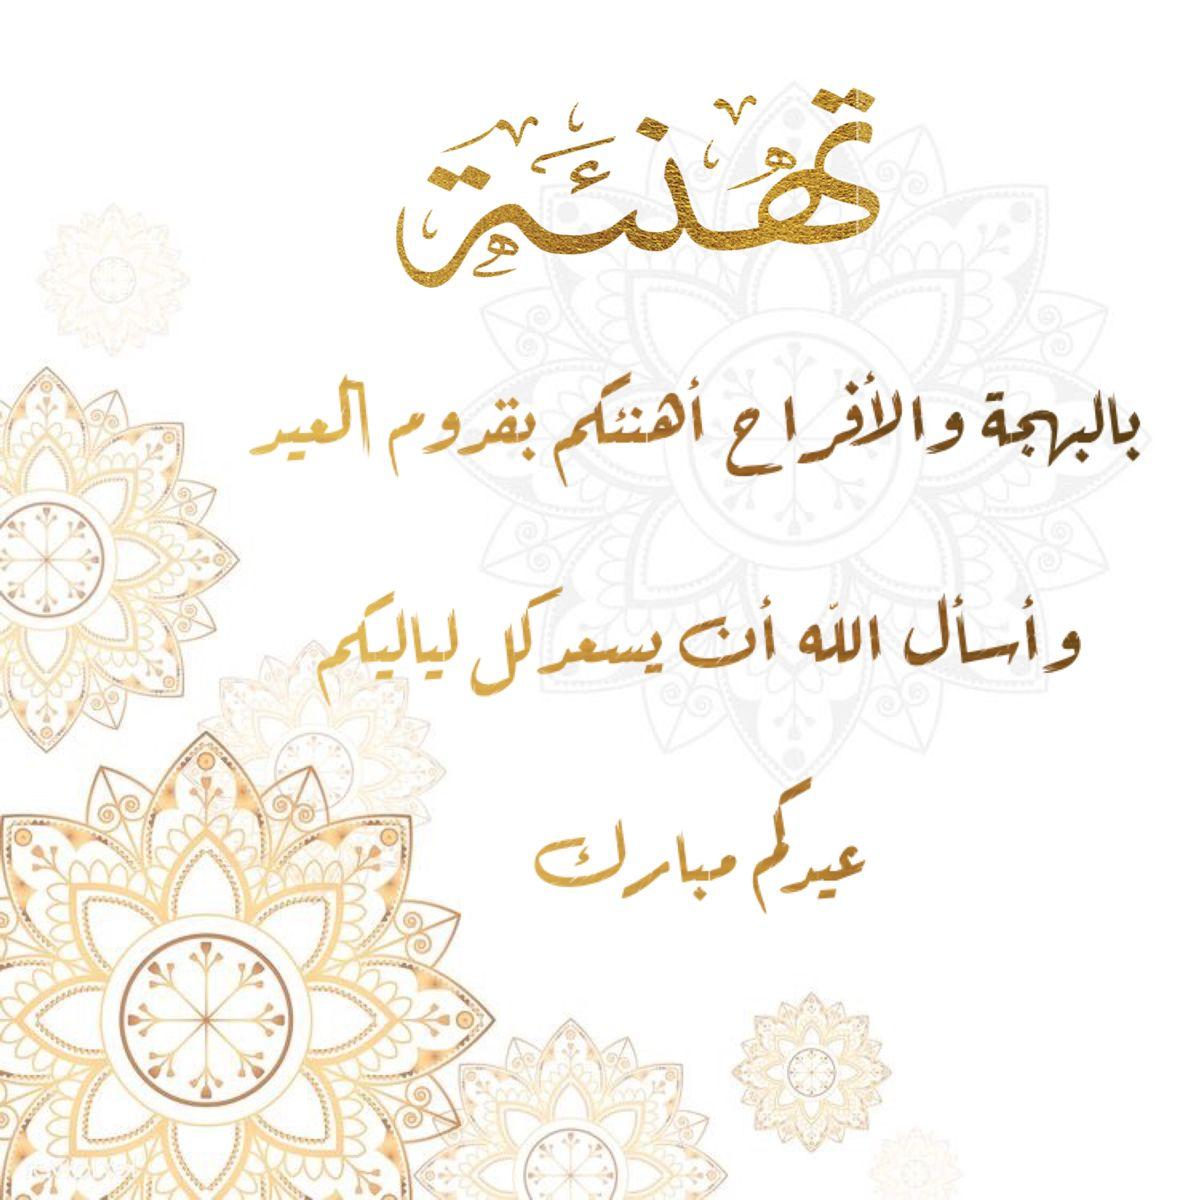 تهاني العيد تهنئة عيد الفطر بالصور كل عام وانتم بخير موقع مفيد لك Eid Greetings Eid Gifts Eid Cards